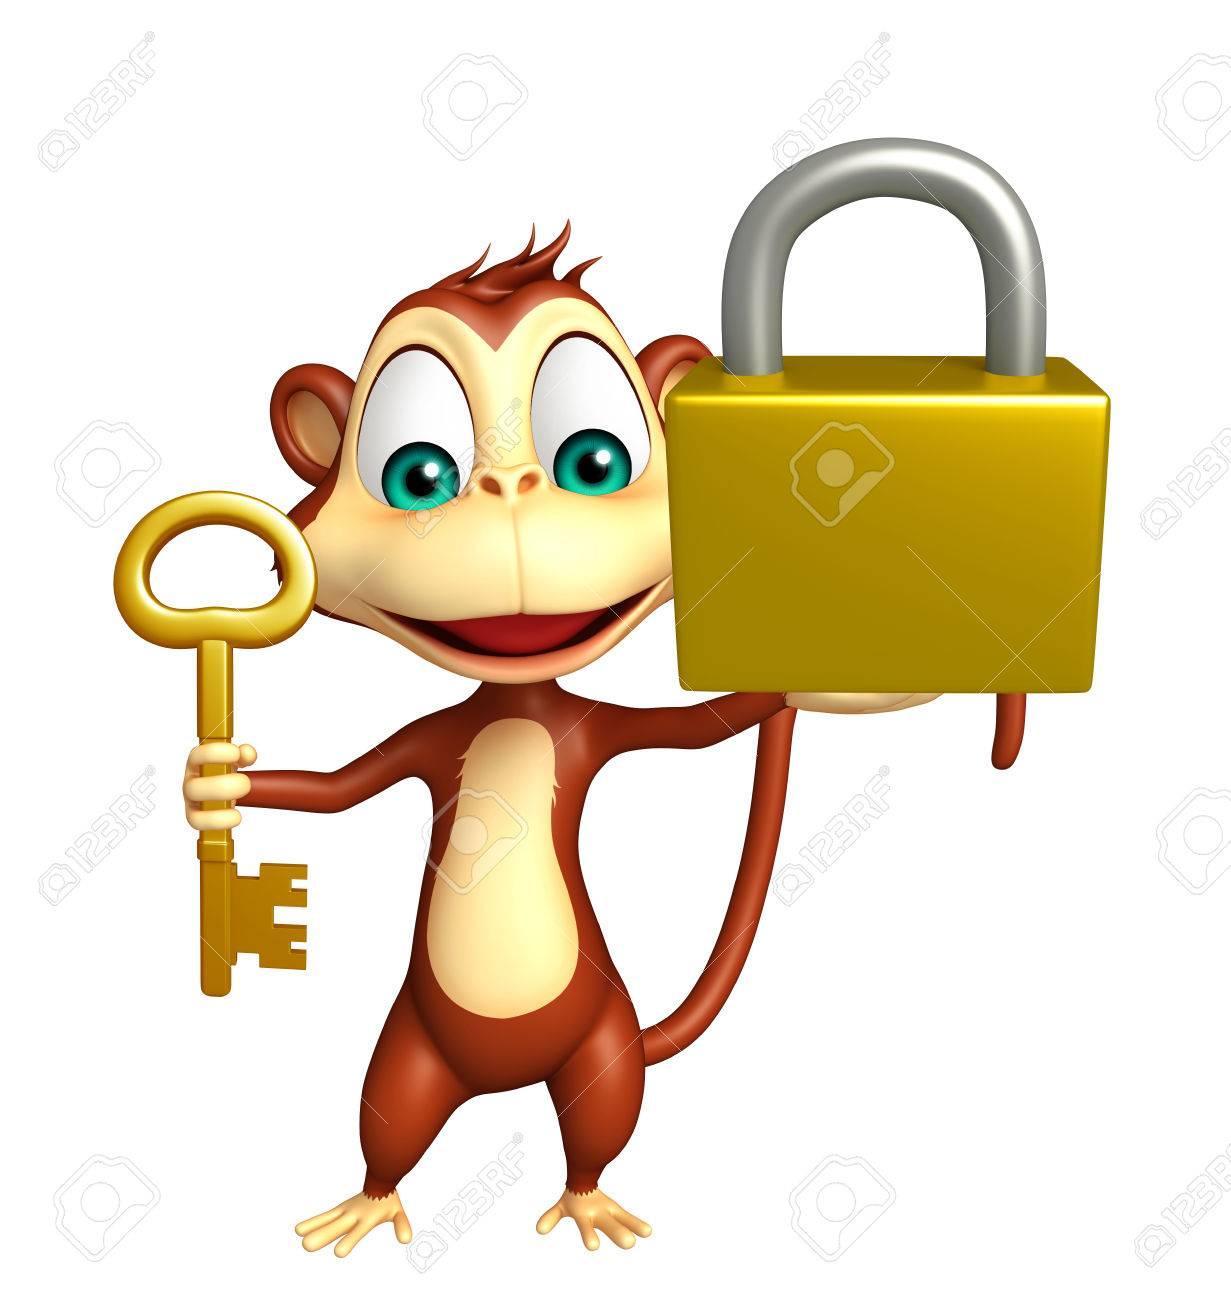 Resultado de imagen para monkey key